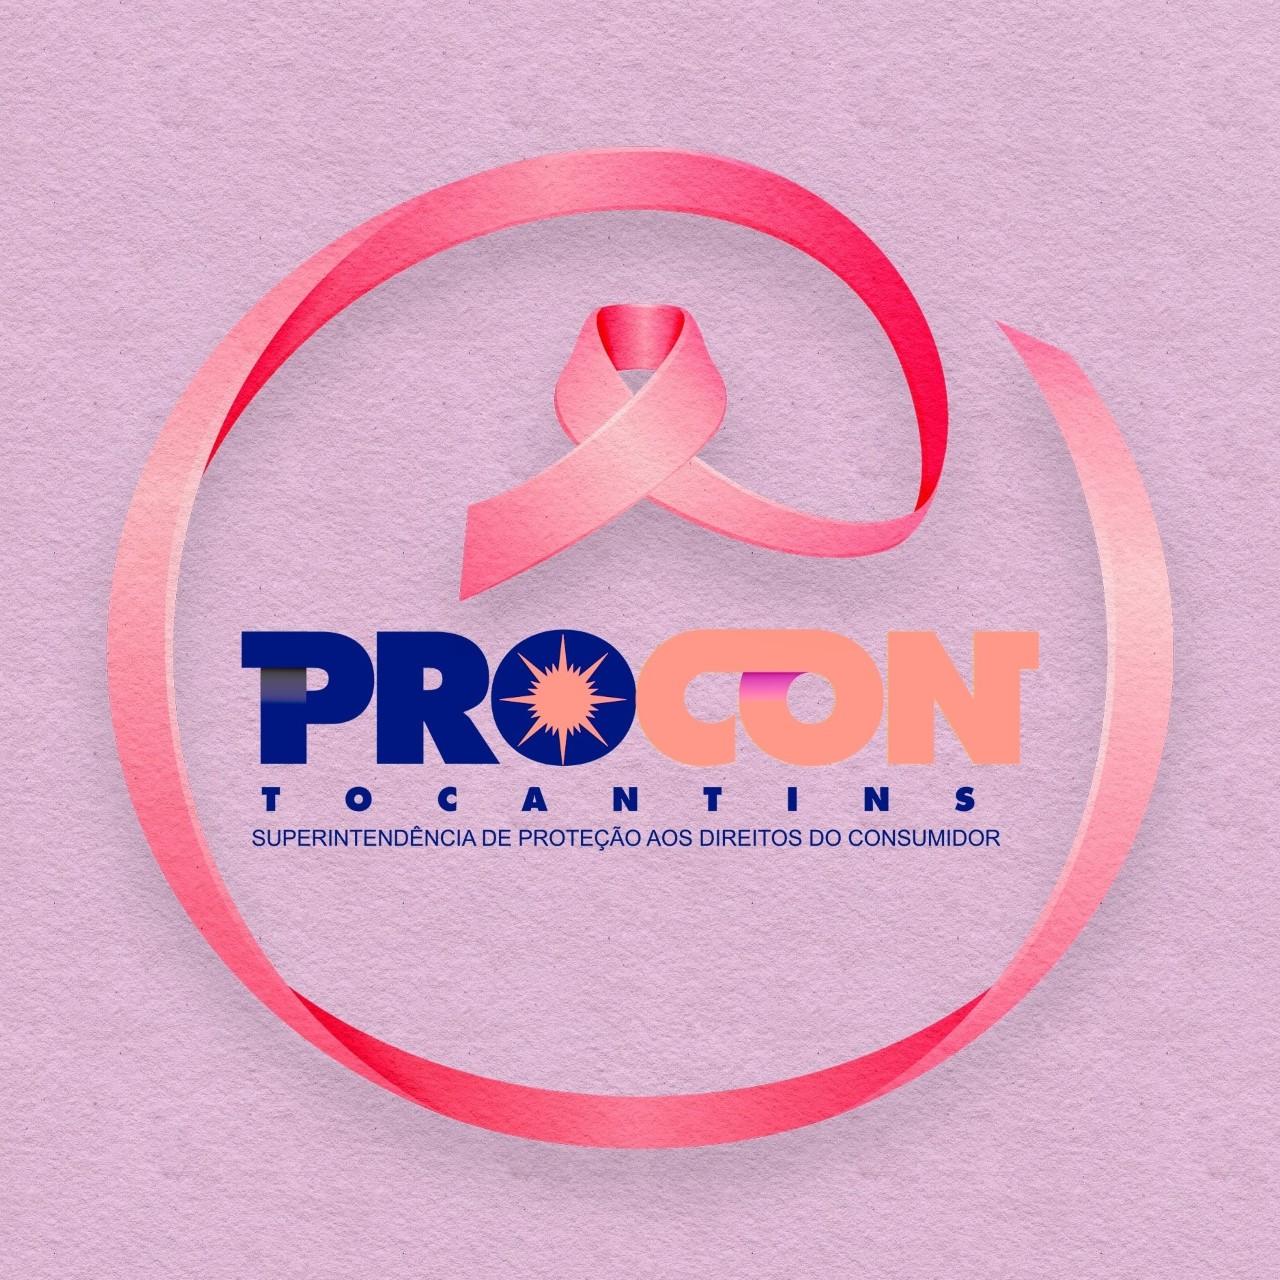 Procon reforça importância da prevenção contra câncer de mama e orienta consumidoras sobre isenções tributárias